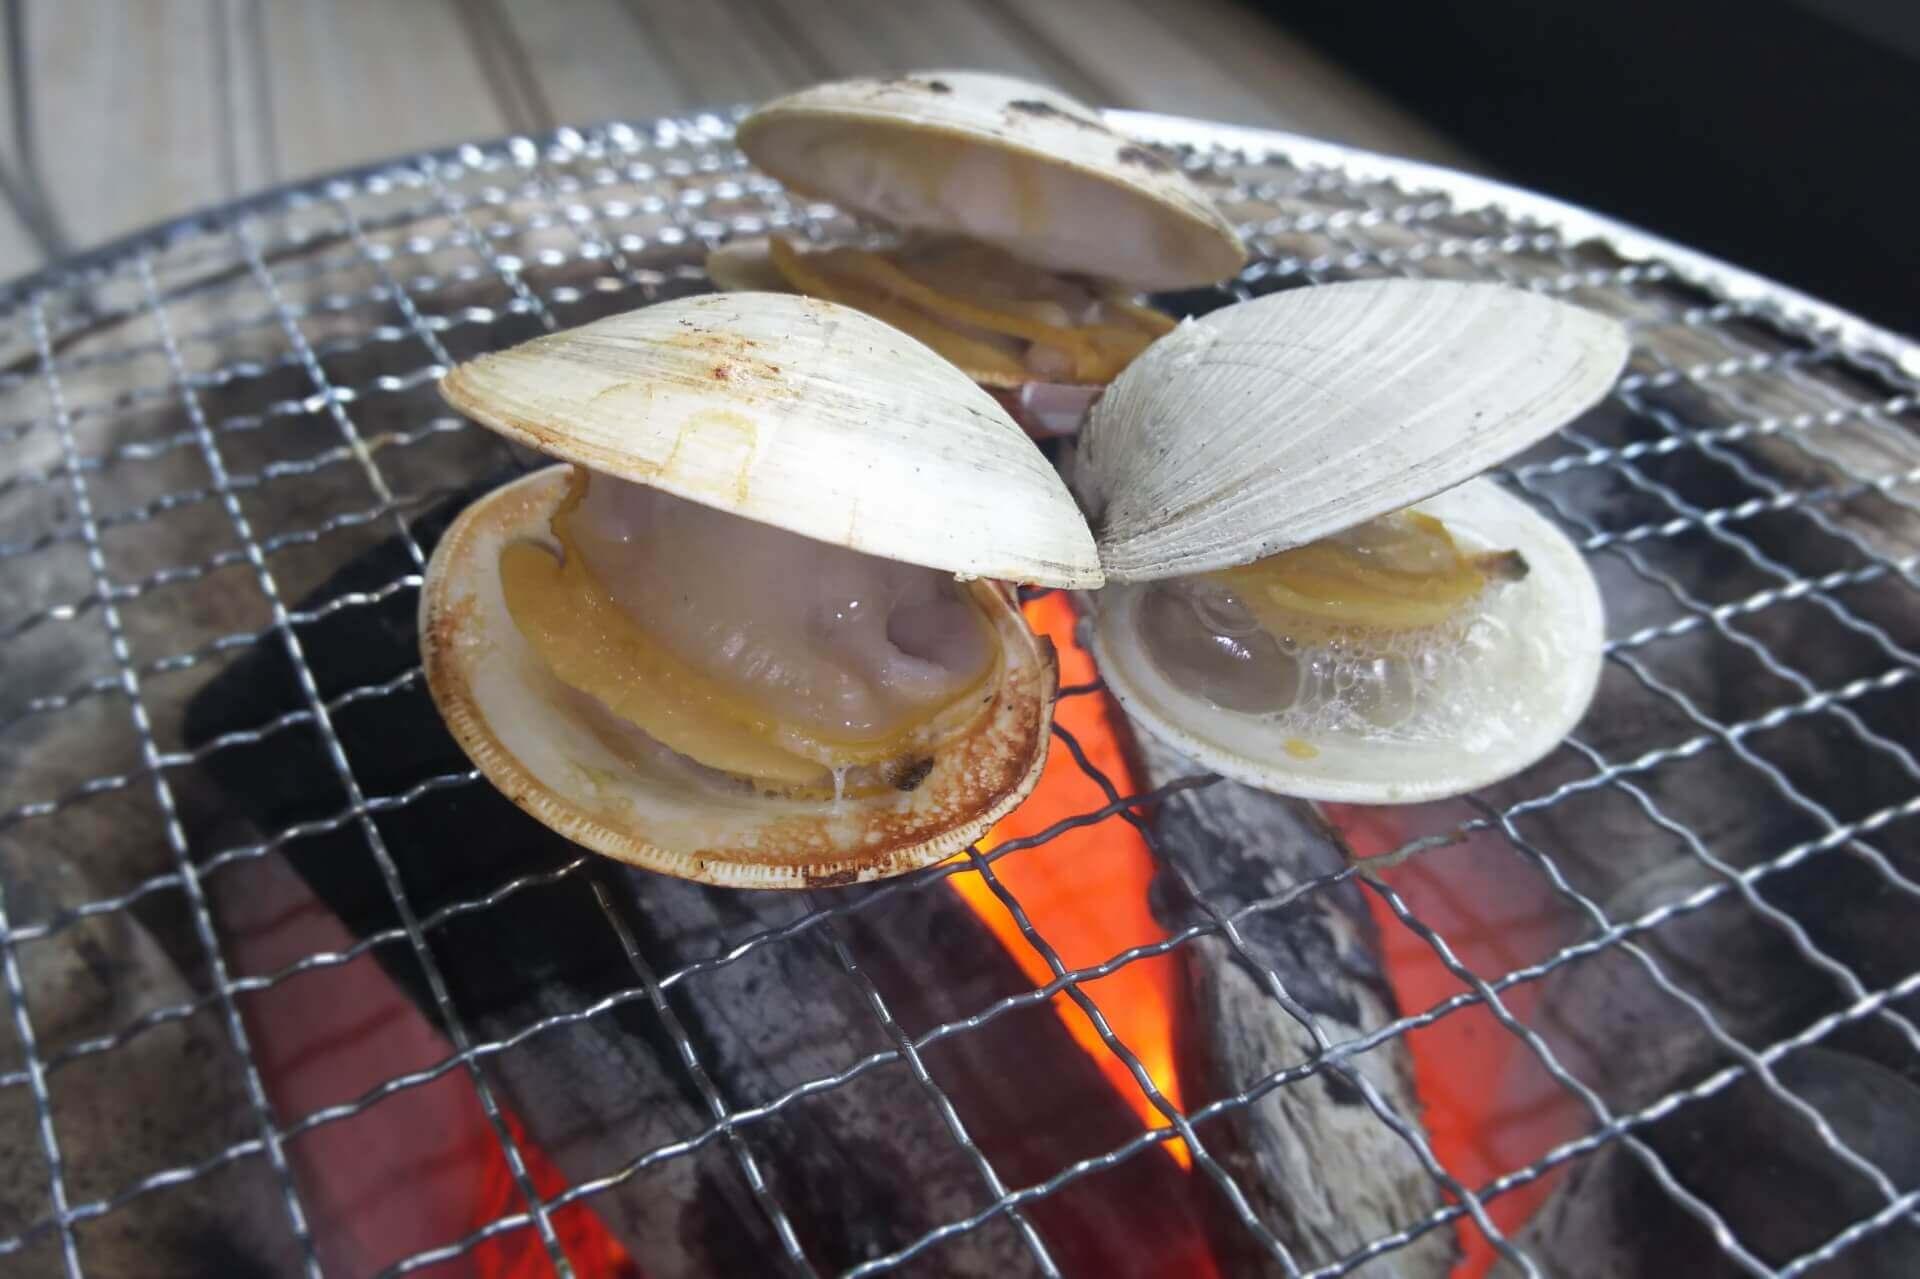 「千葉ブランド水産物」認定。ハマグリを超えるホンビノス貝